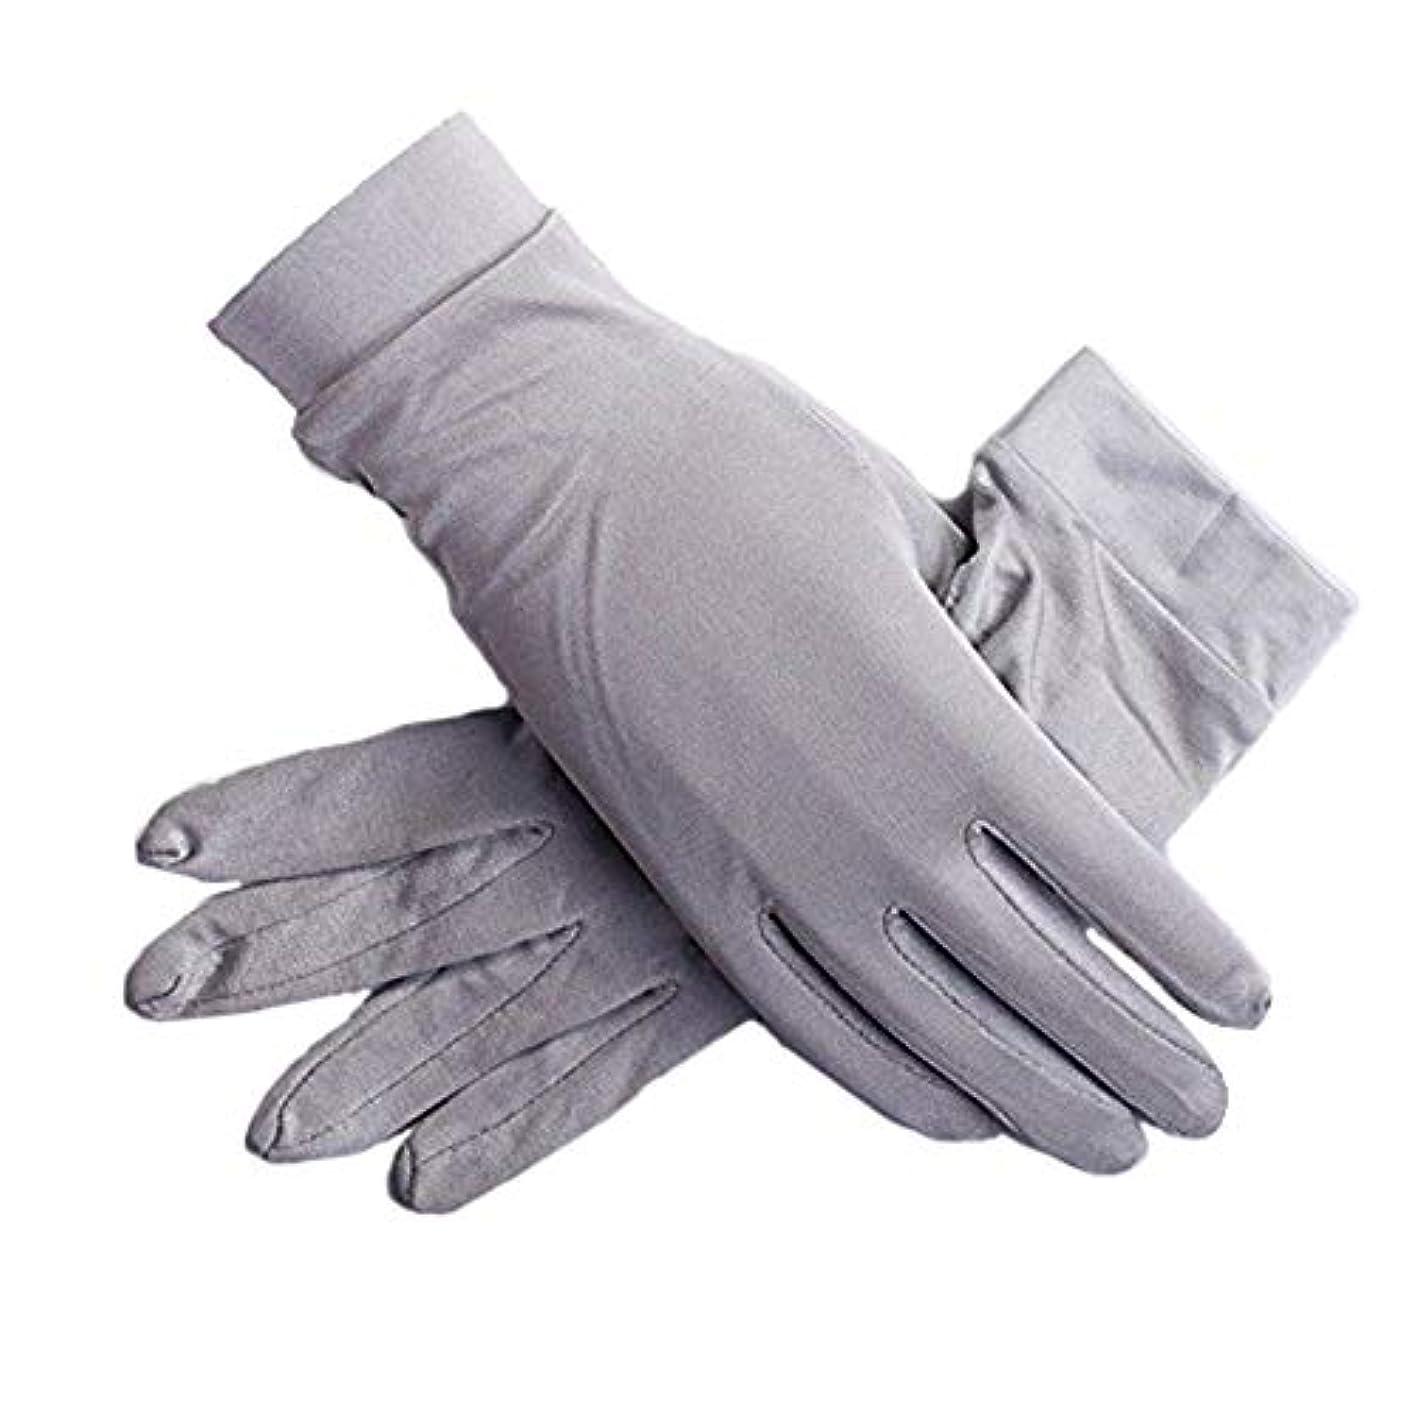 フロント用心する熱望するメンズ シルク手袋 手袋 シルク おやすみ 手触り夏 ハンド ケア レディース日焼け防止 が良い 紫外線 保湿